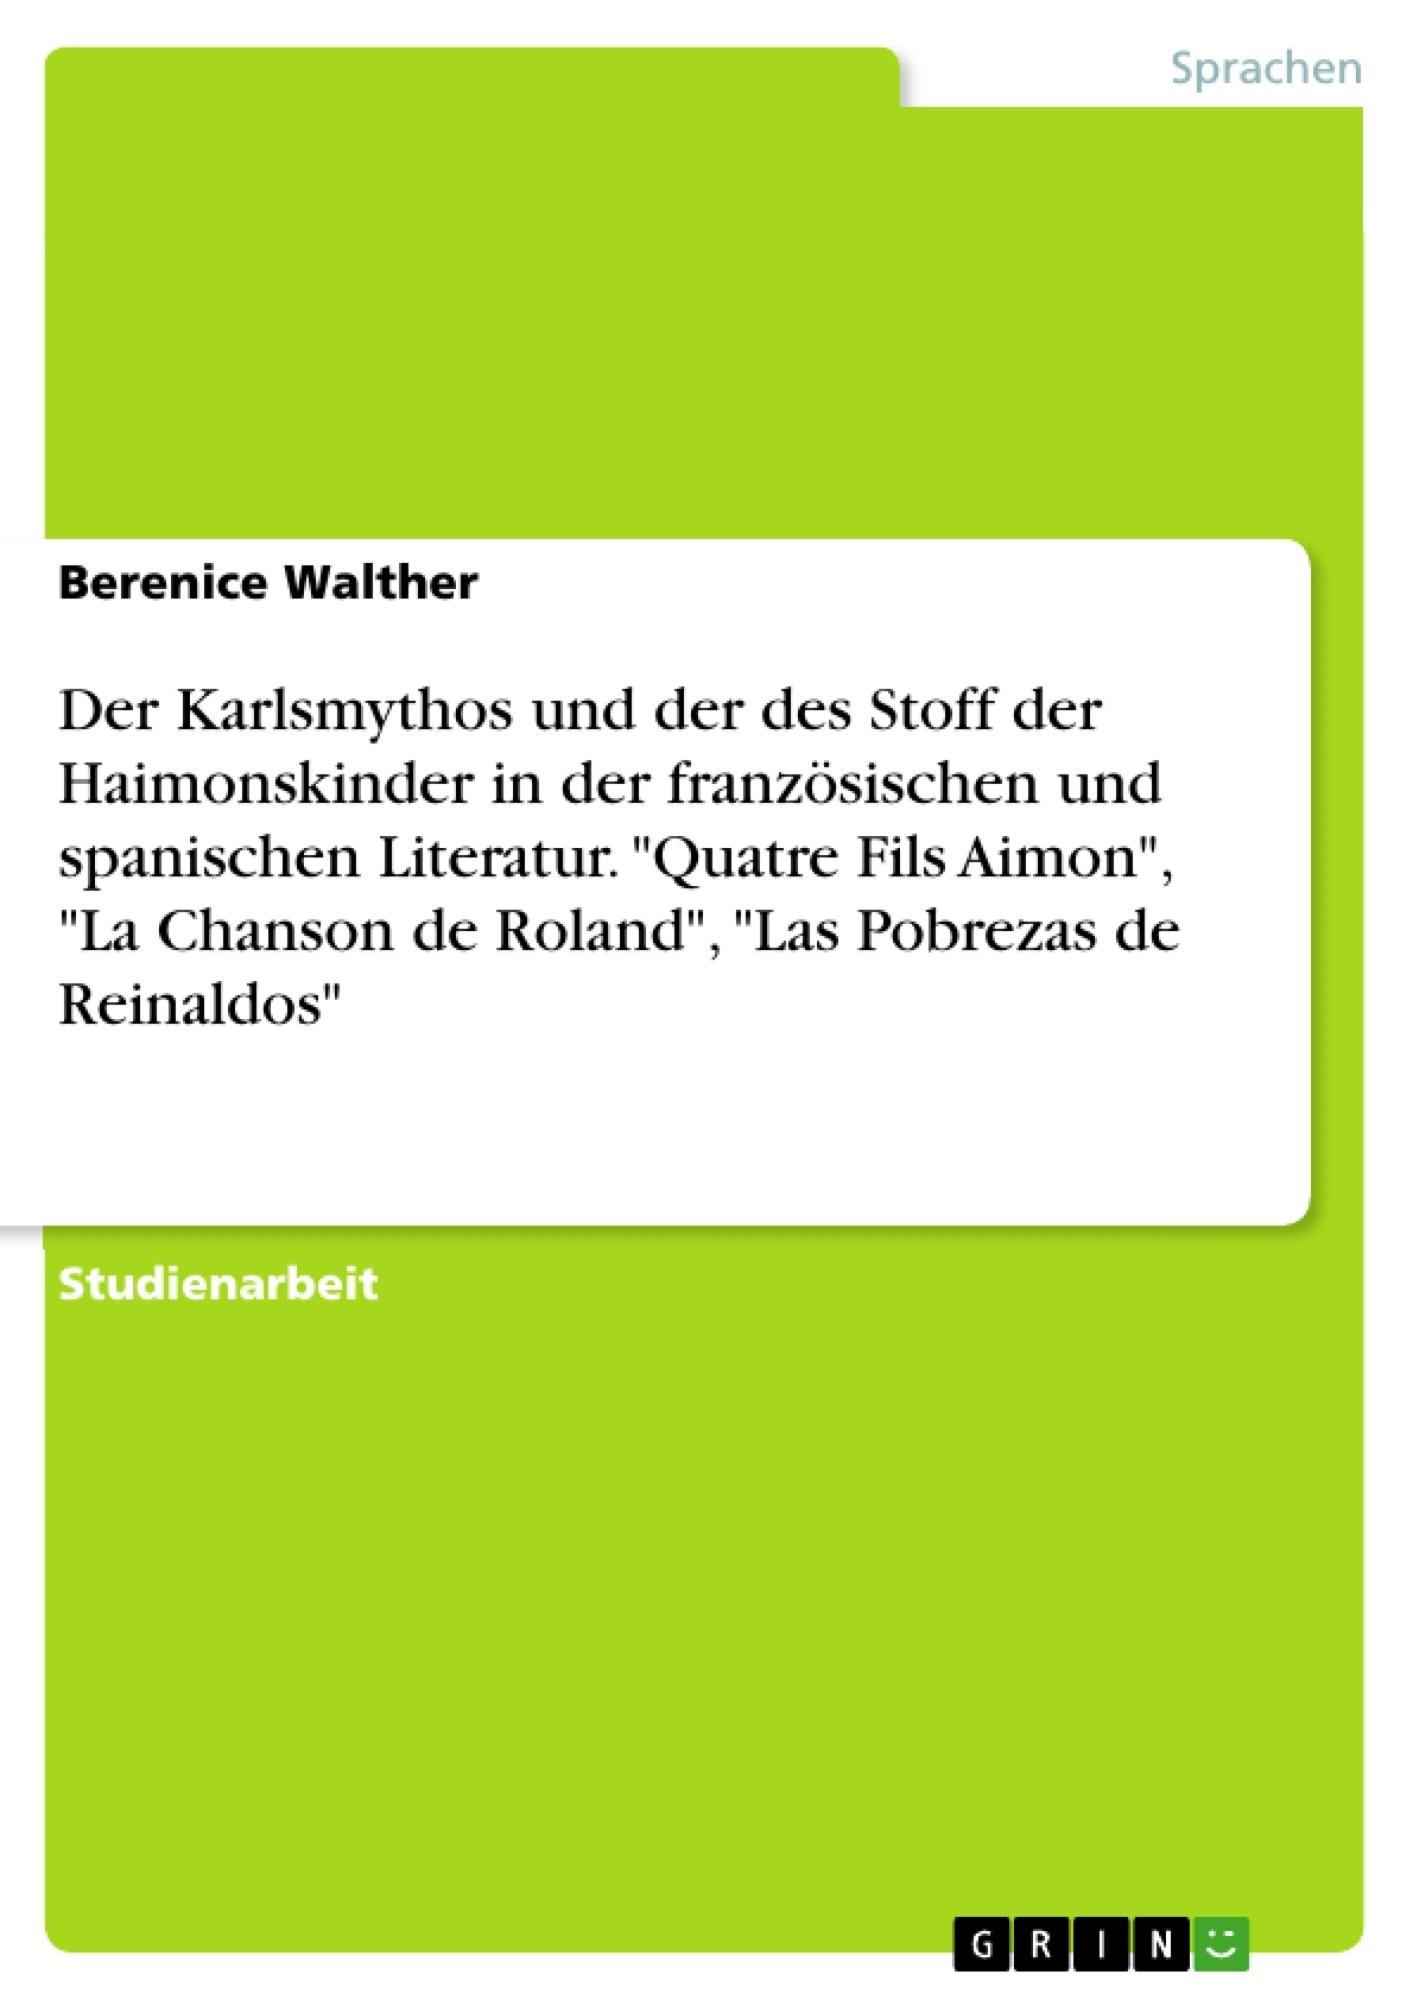 """Titel: Der Karlsmythos  und der des Stoff der Haimonskinder in der französischen und spanischen Literatur. """"Quatre Fils Aimon"""", """"La Chanson de Roland"""", """"Las Pobrezas de Reinaldos"""""""